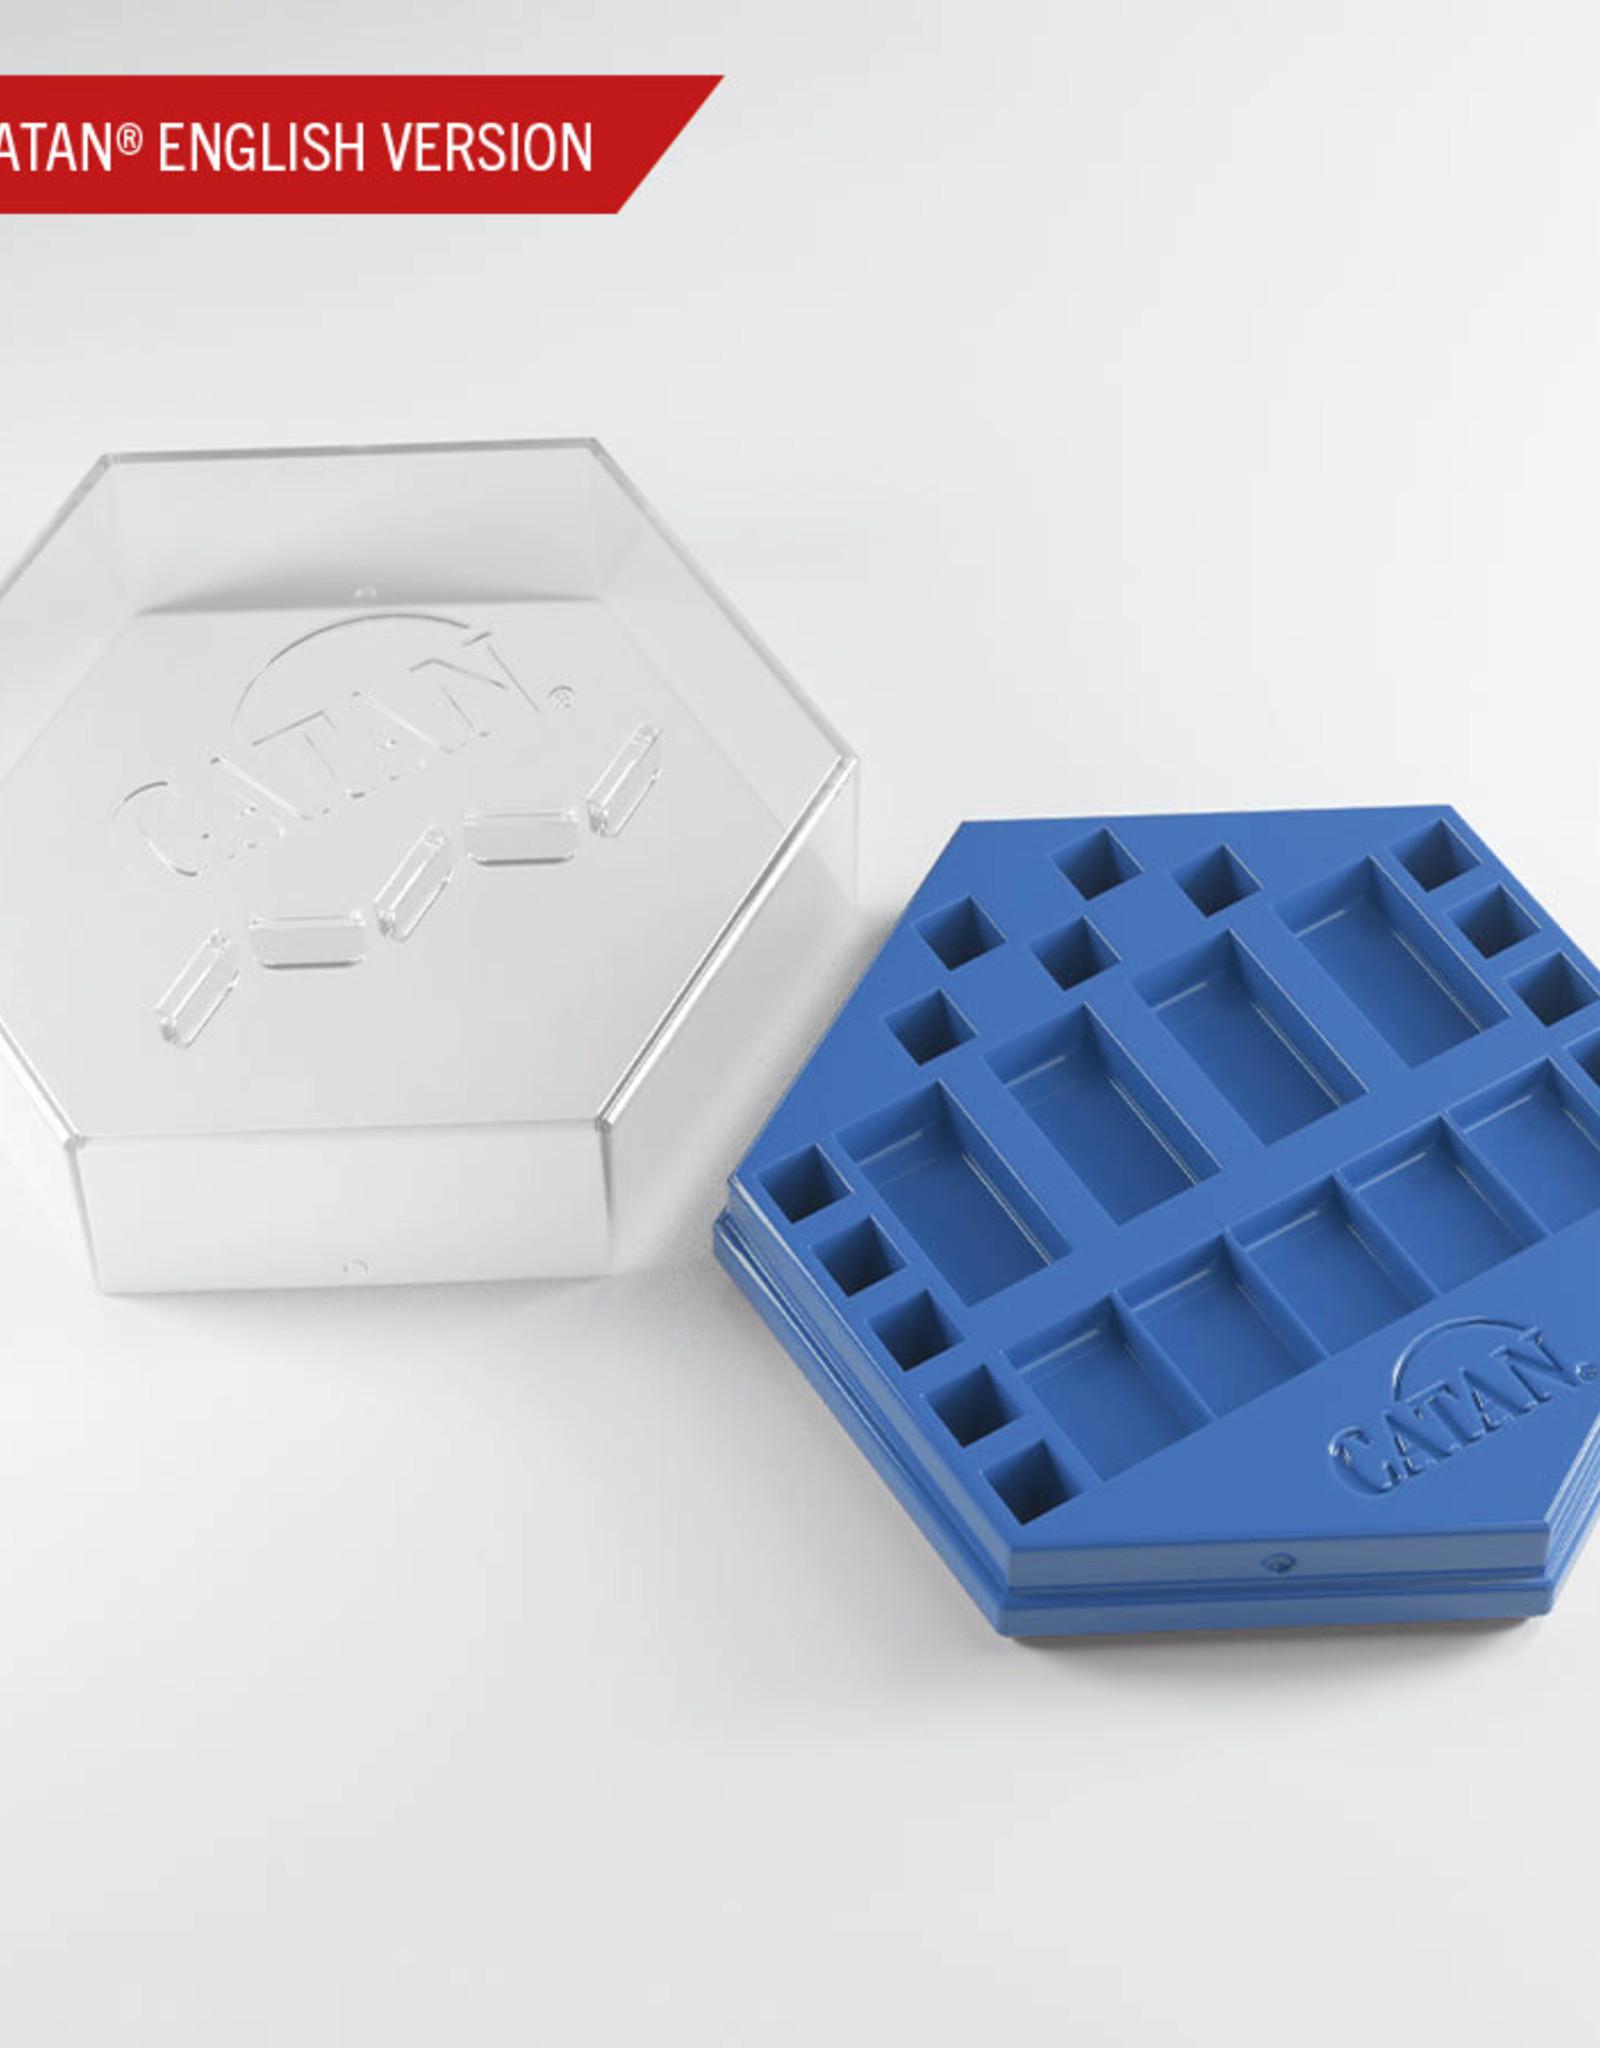 Catan Hexadocks Base Set